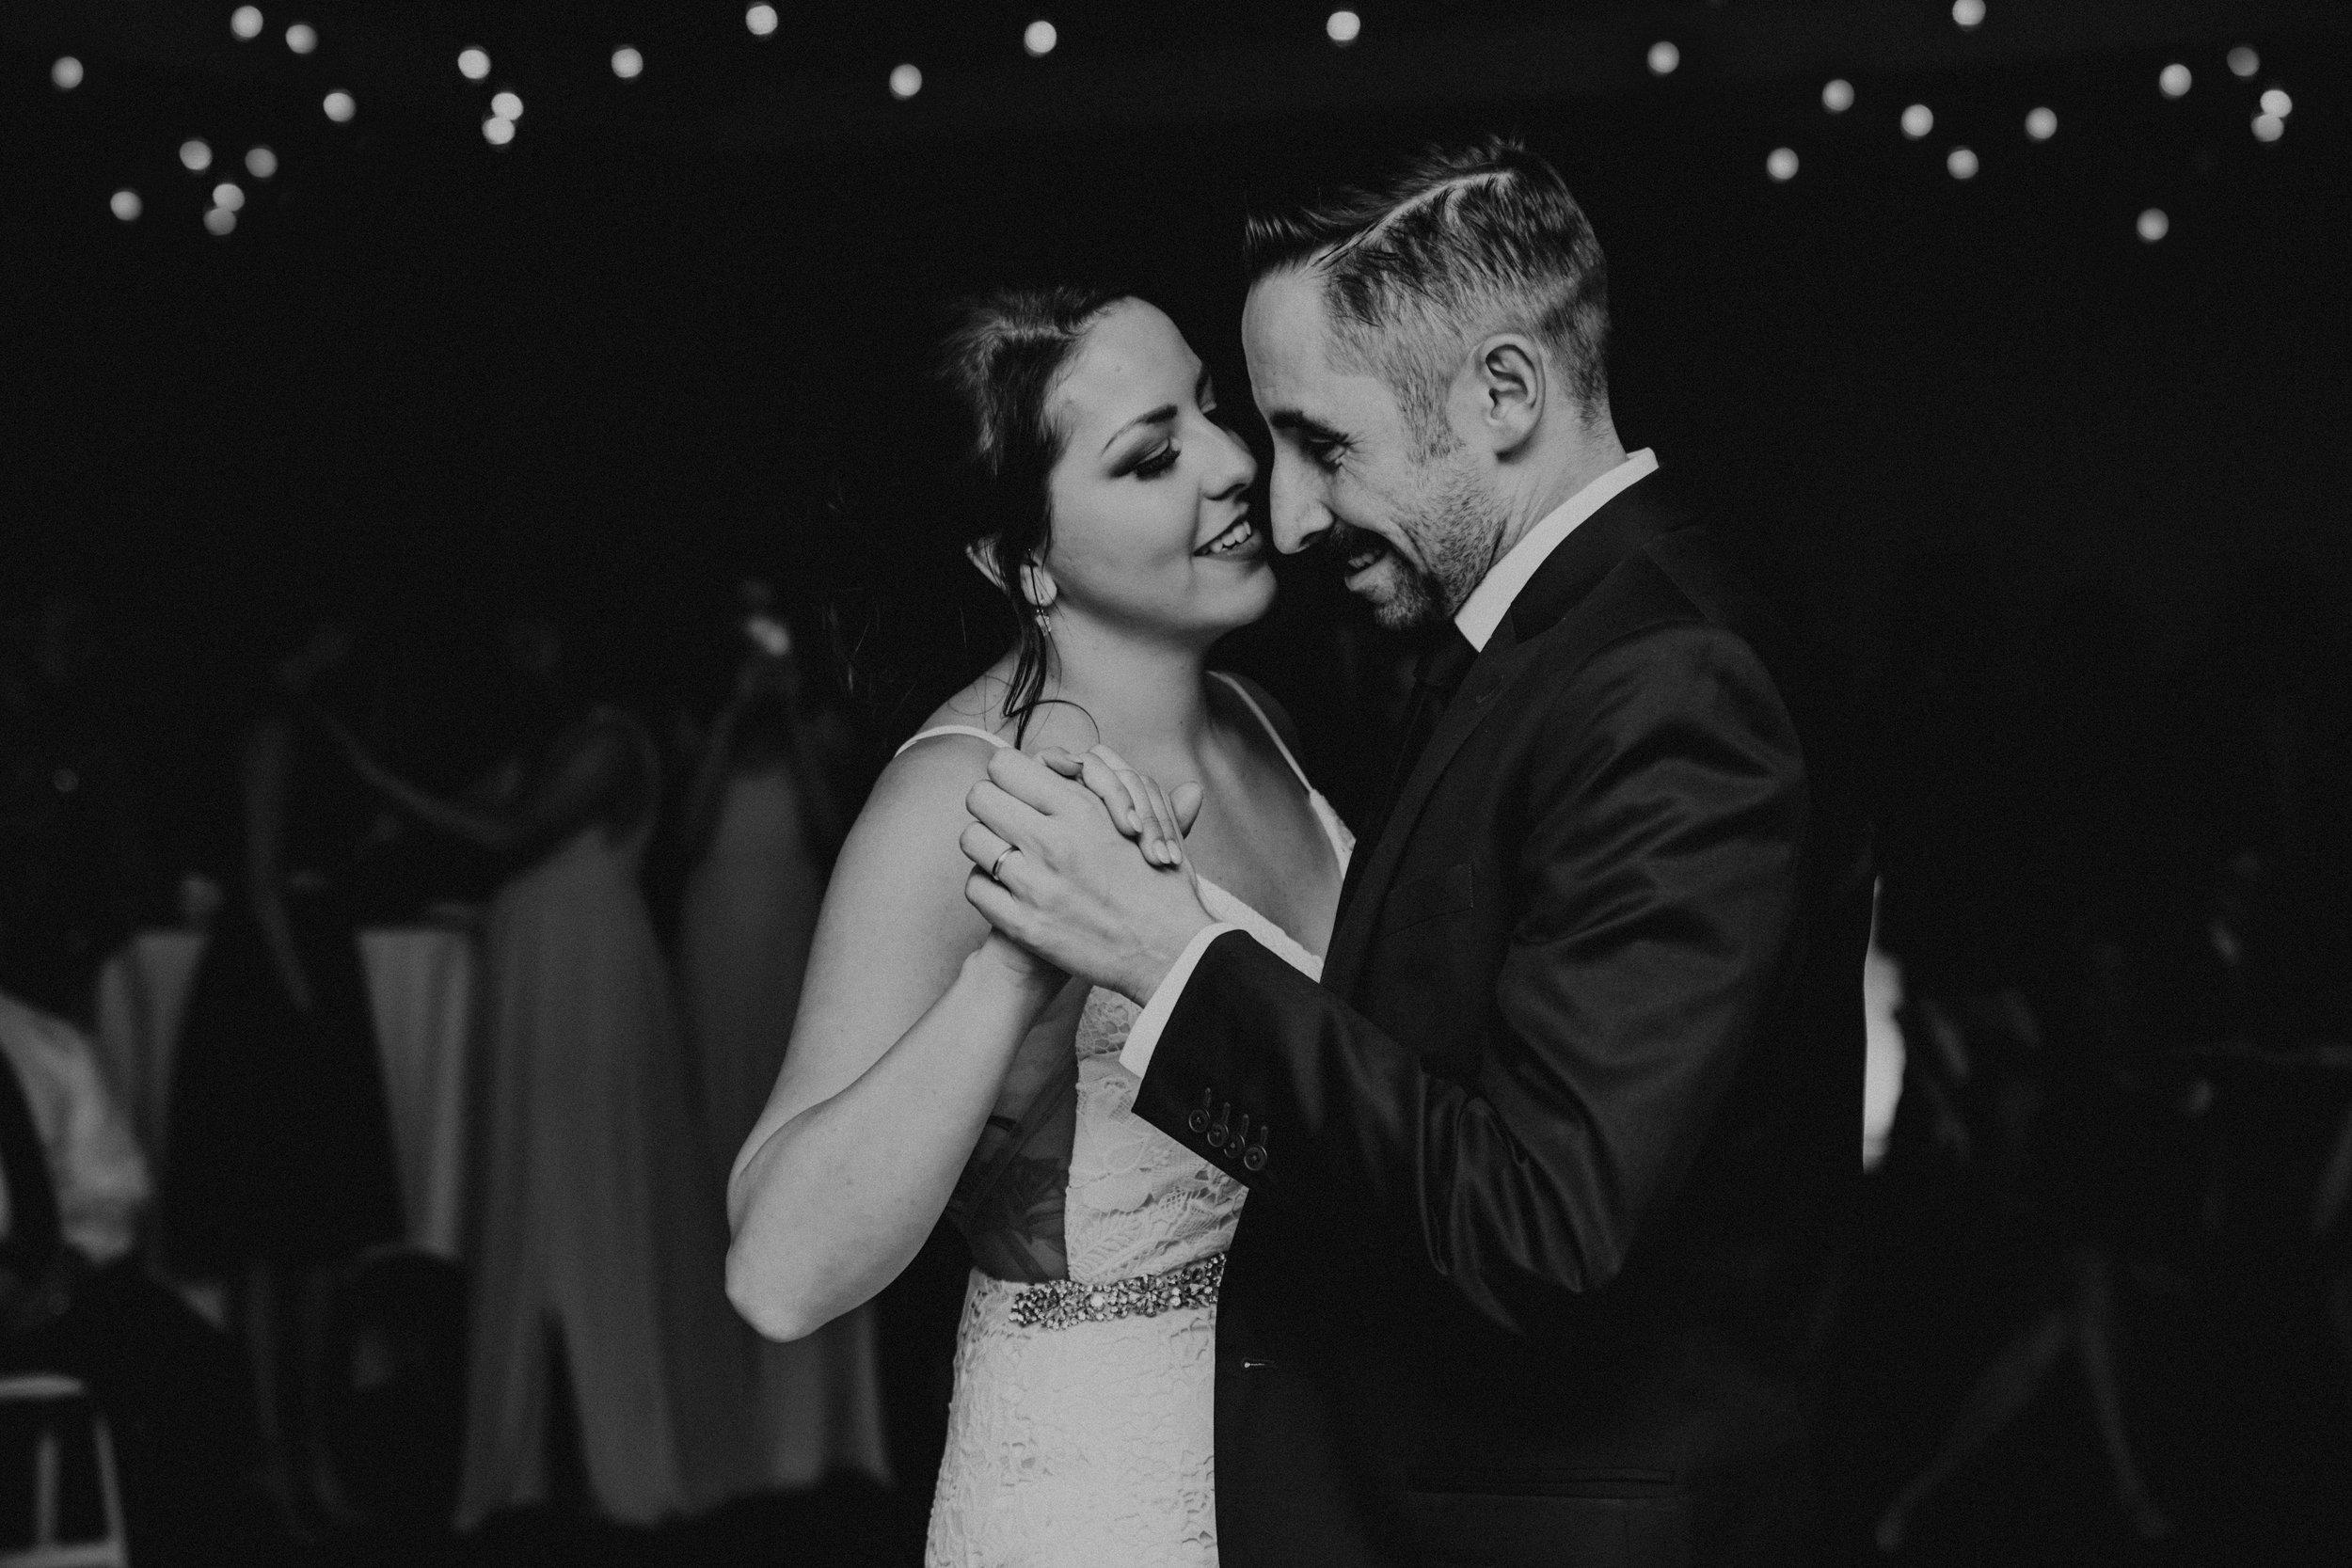 Calgary Wedding Photographer - 74 of 84.jpg